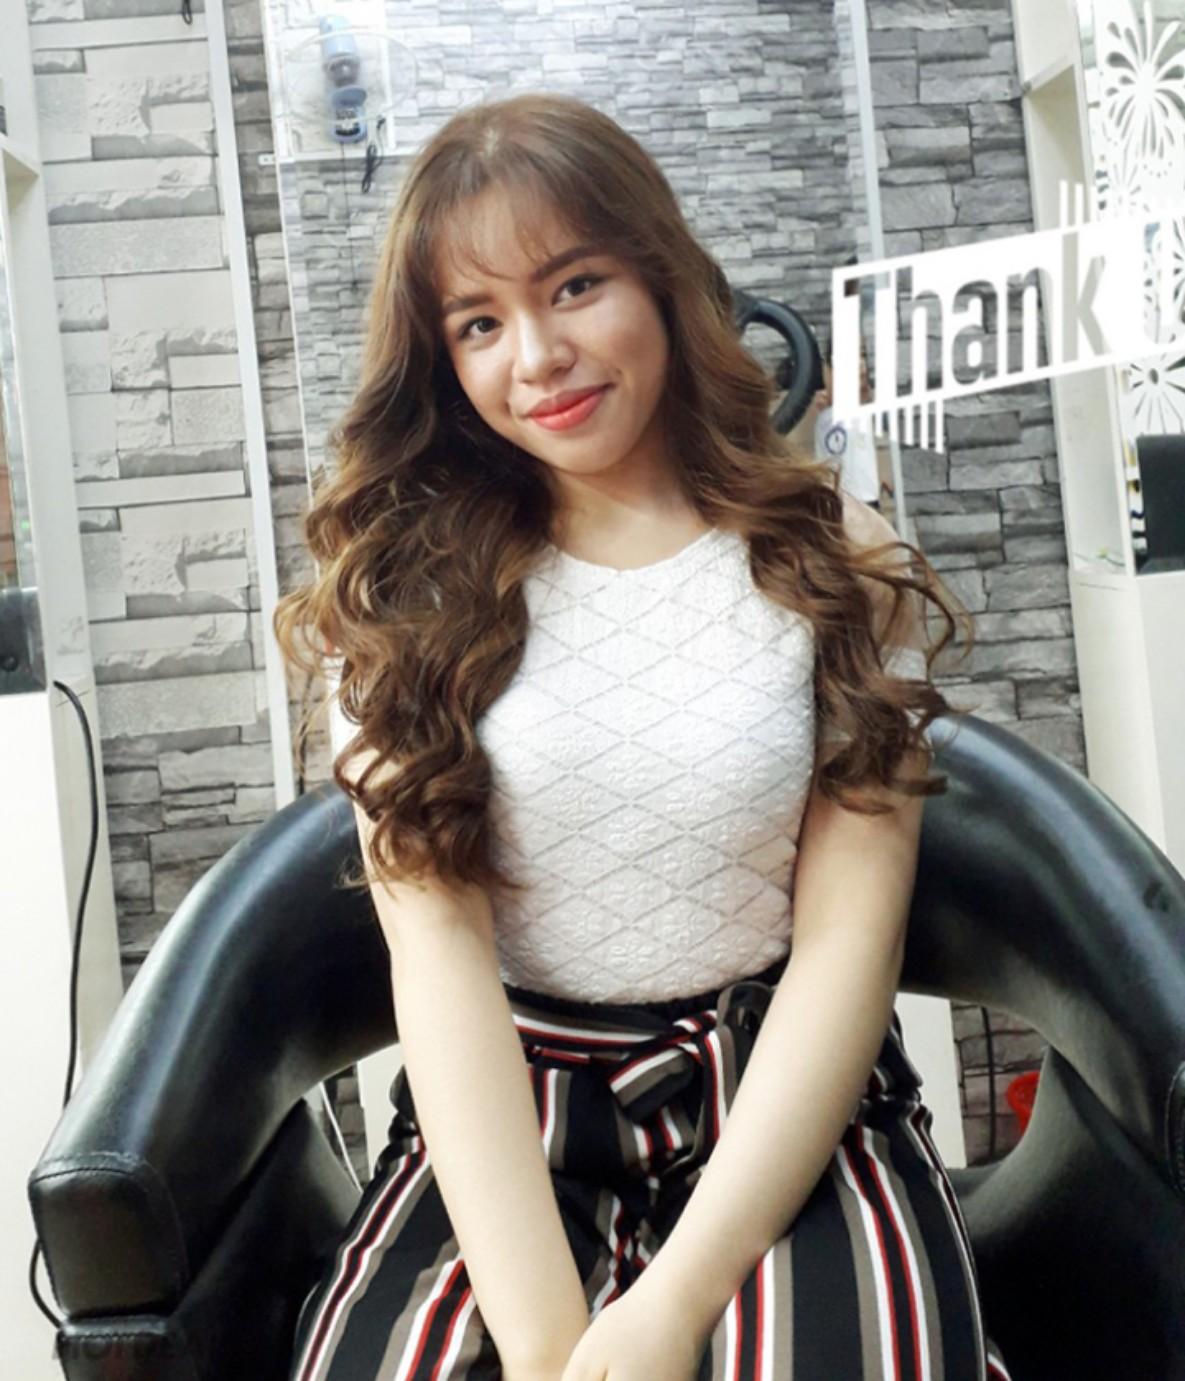 [Kings Deal] HCM - Ruby Beauty Salon - EVoucher Giảm 20k Khi Làm Các Gói Dịch Vụ Hóa Chất Đang Khuyến Mãi